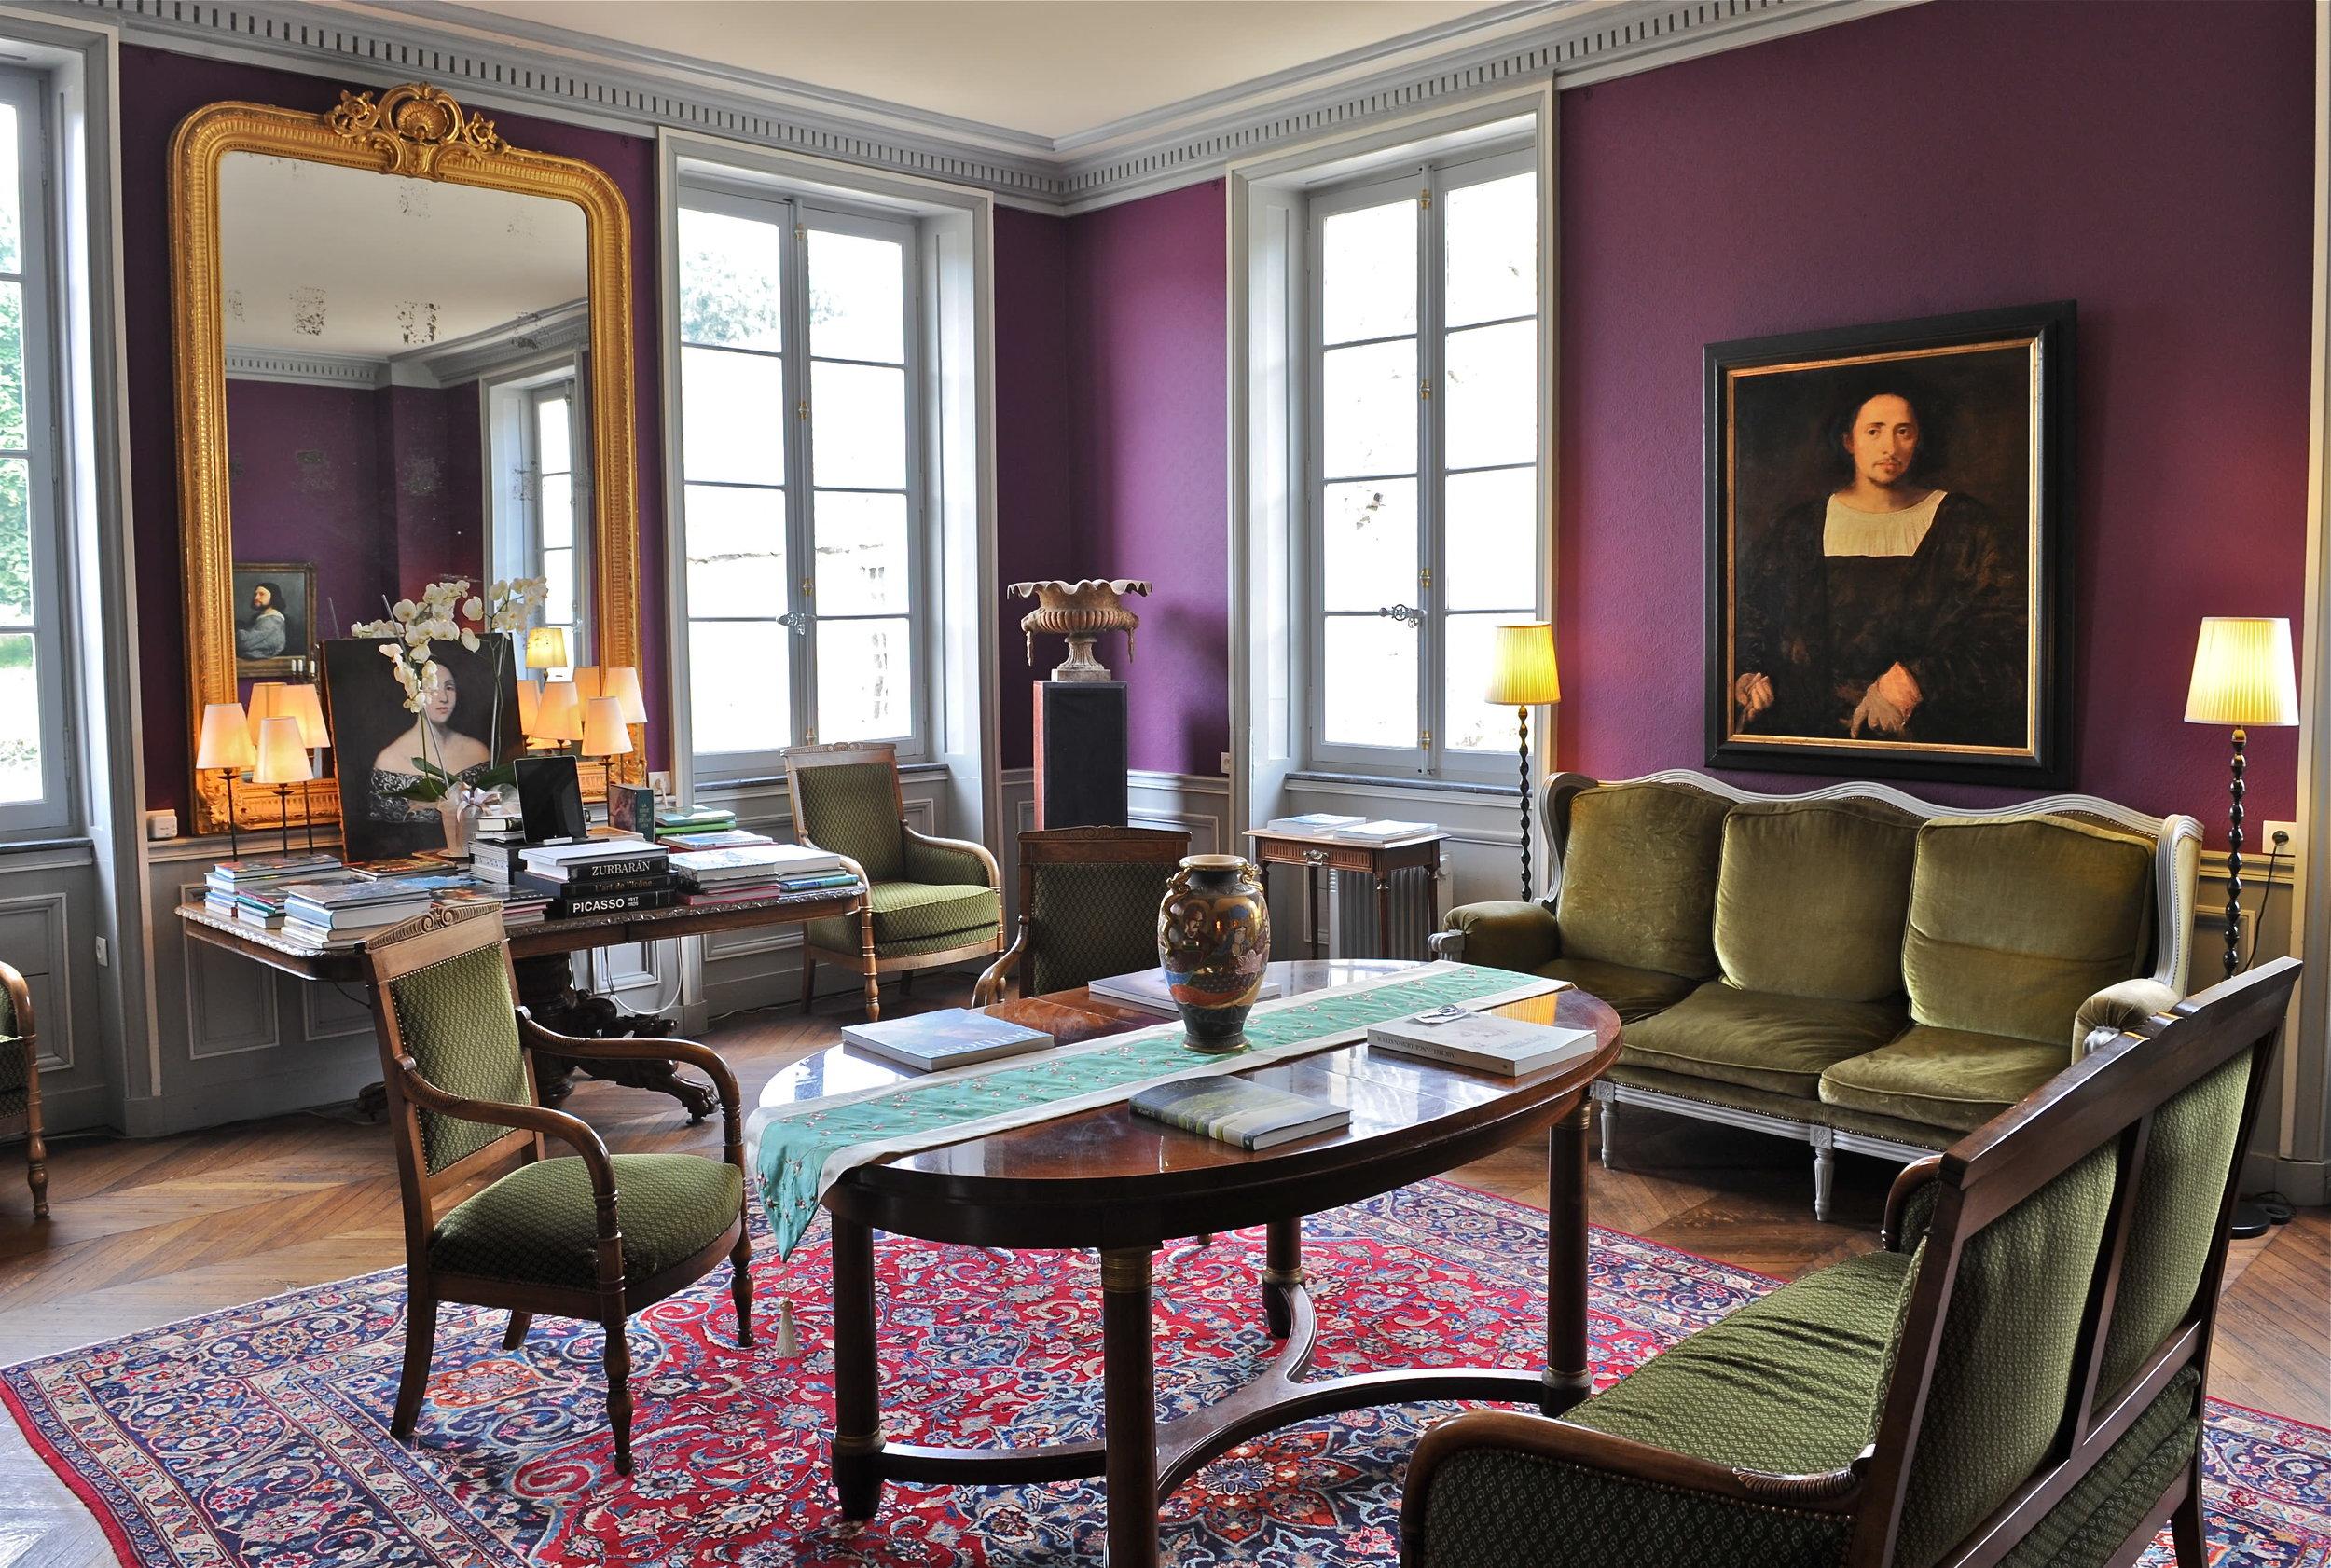 Chateau de la Pommeraye - salle - receptions - mariages - anniversaires - communions - baptemes - normandie - calvados - orne 7.jpg